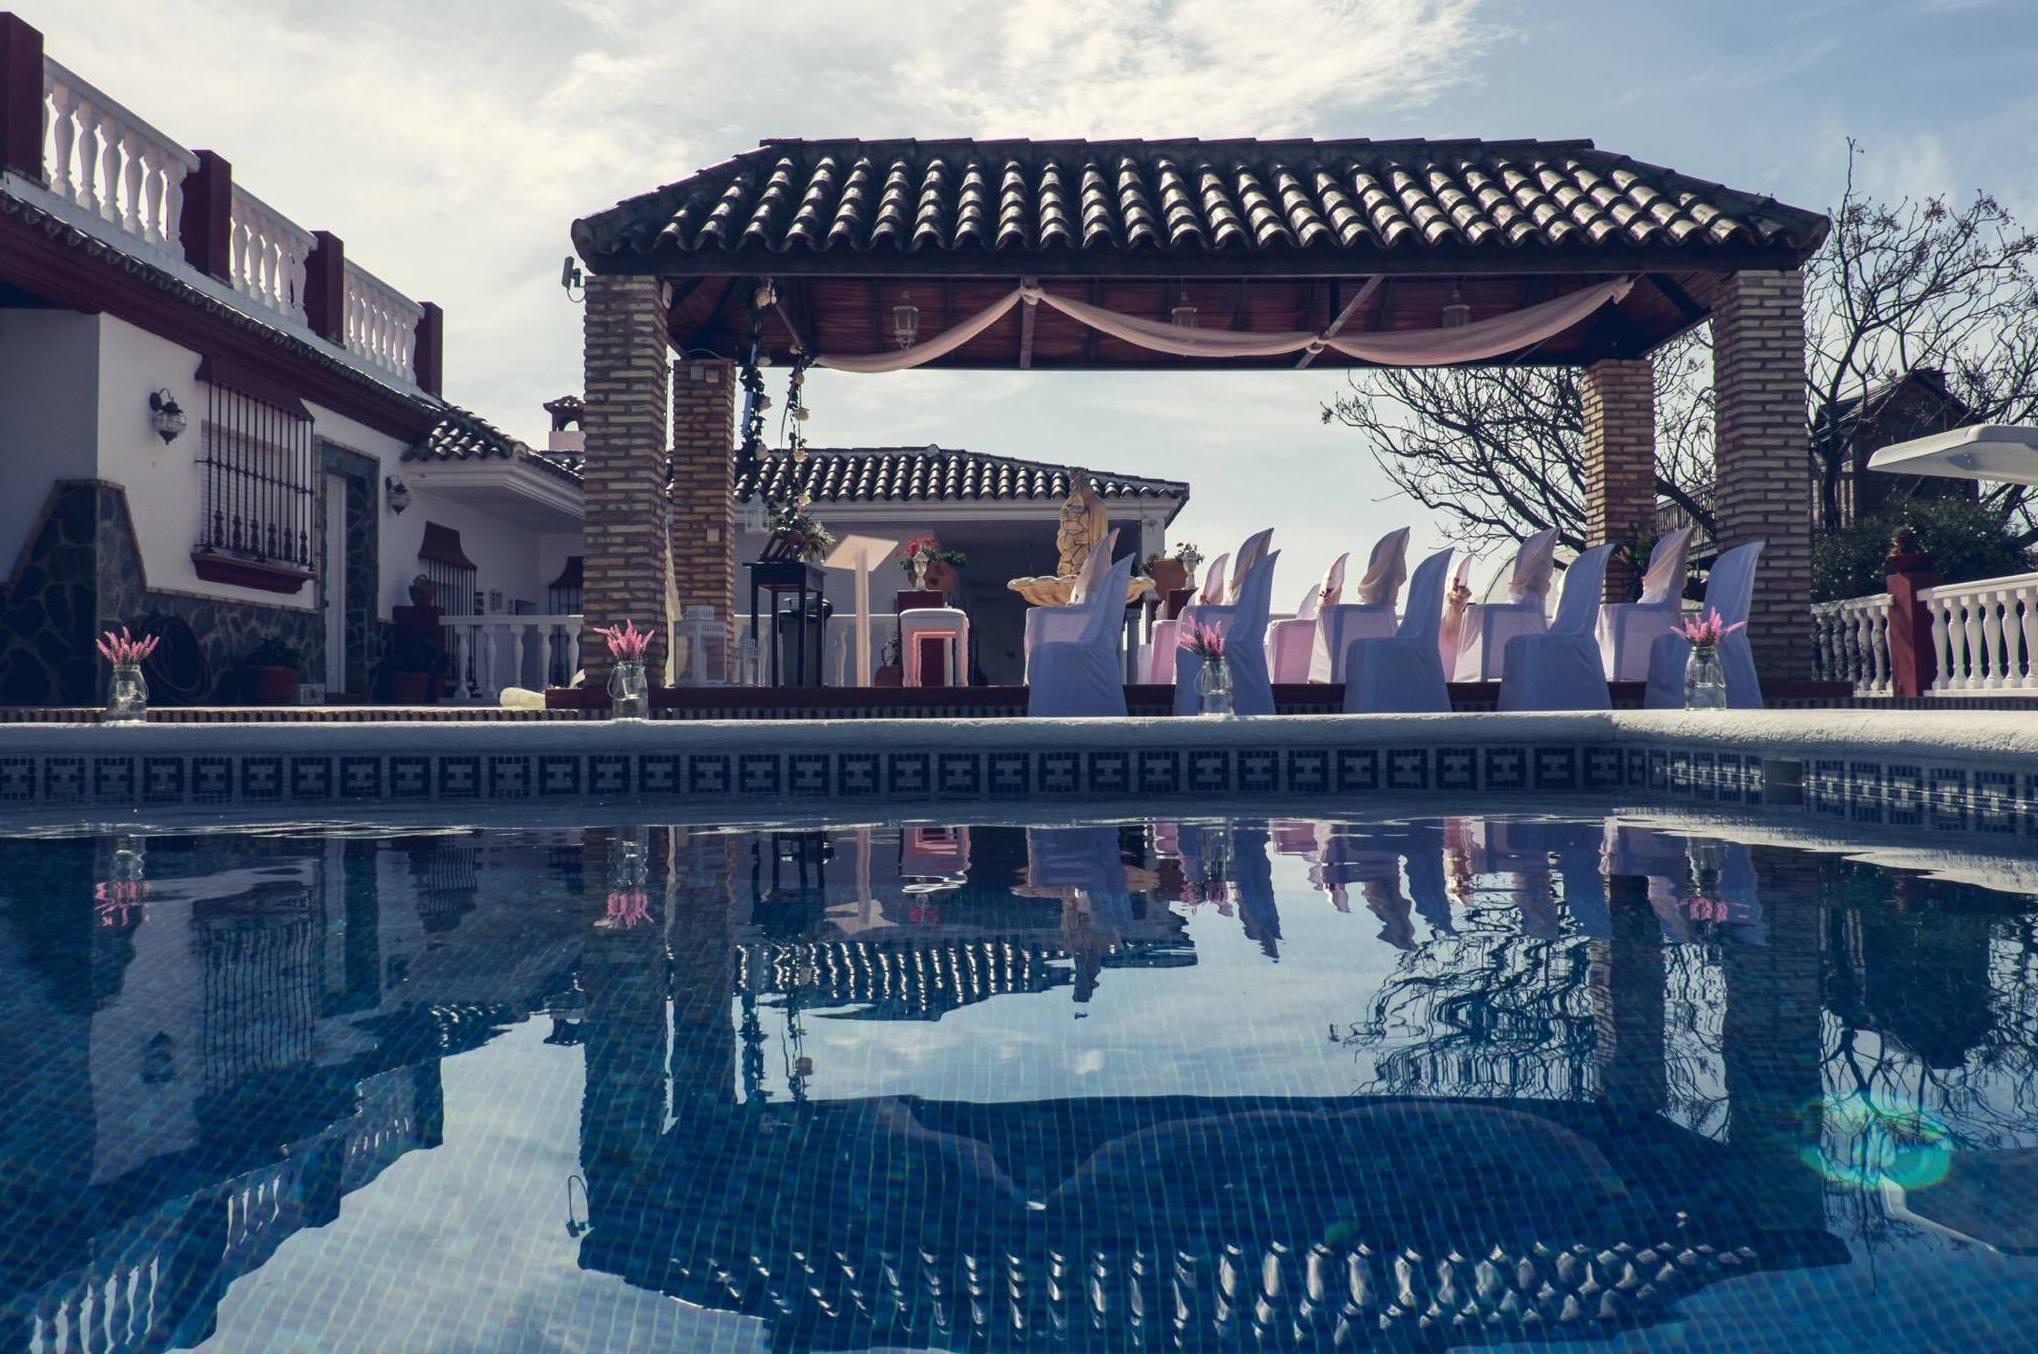 Foto 17 de Alquiler de sillas, mesas y menaje en Jerez de la Frontera | Jedal Alquileres